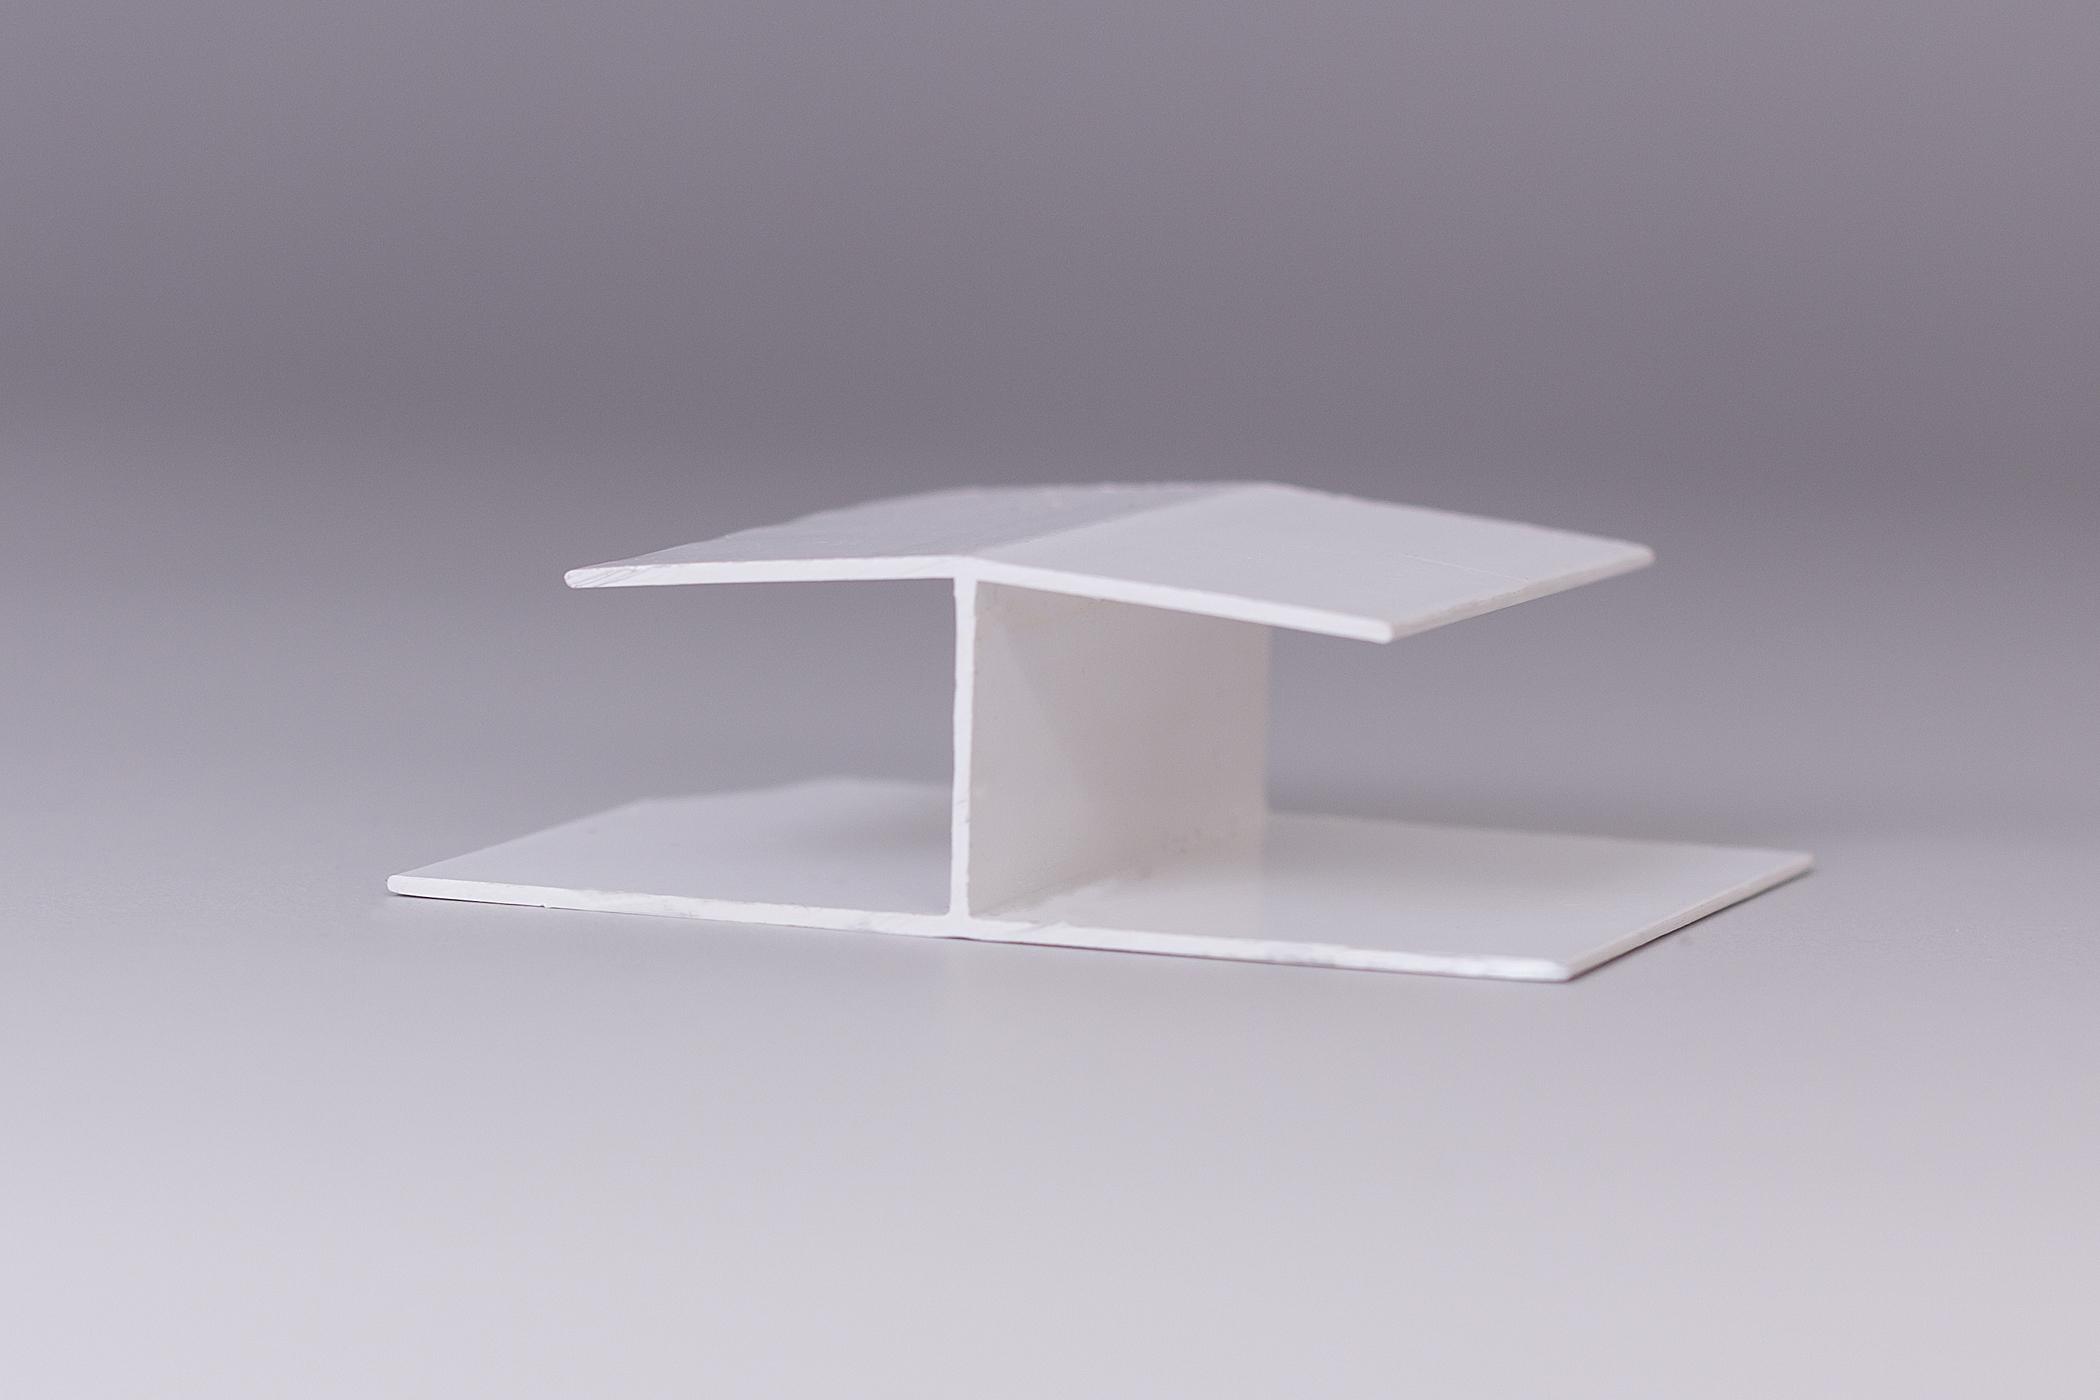 pvc wand und deckenpaneele wei 200 mm onlineshop f r wellplatten und stegplatten. Black Bedroom Furniture Sets. Home Design Ideas